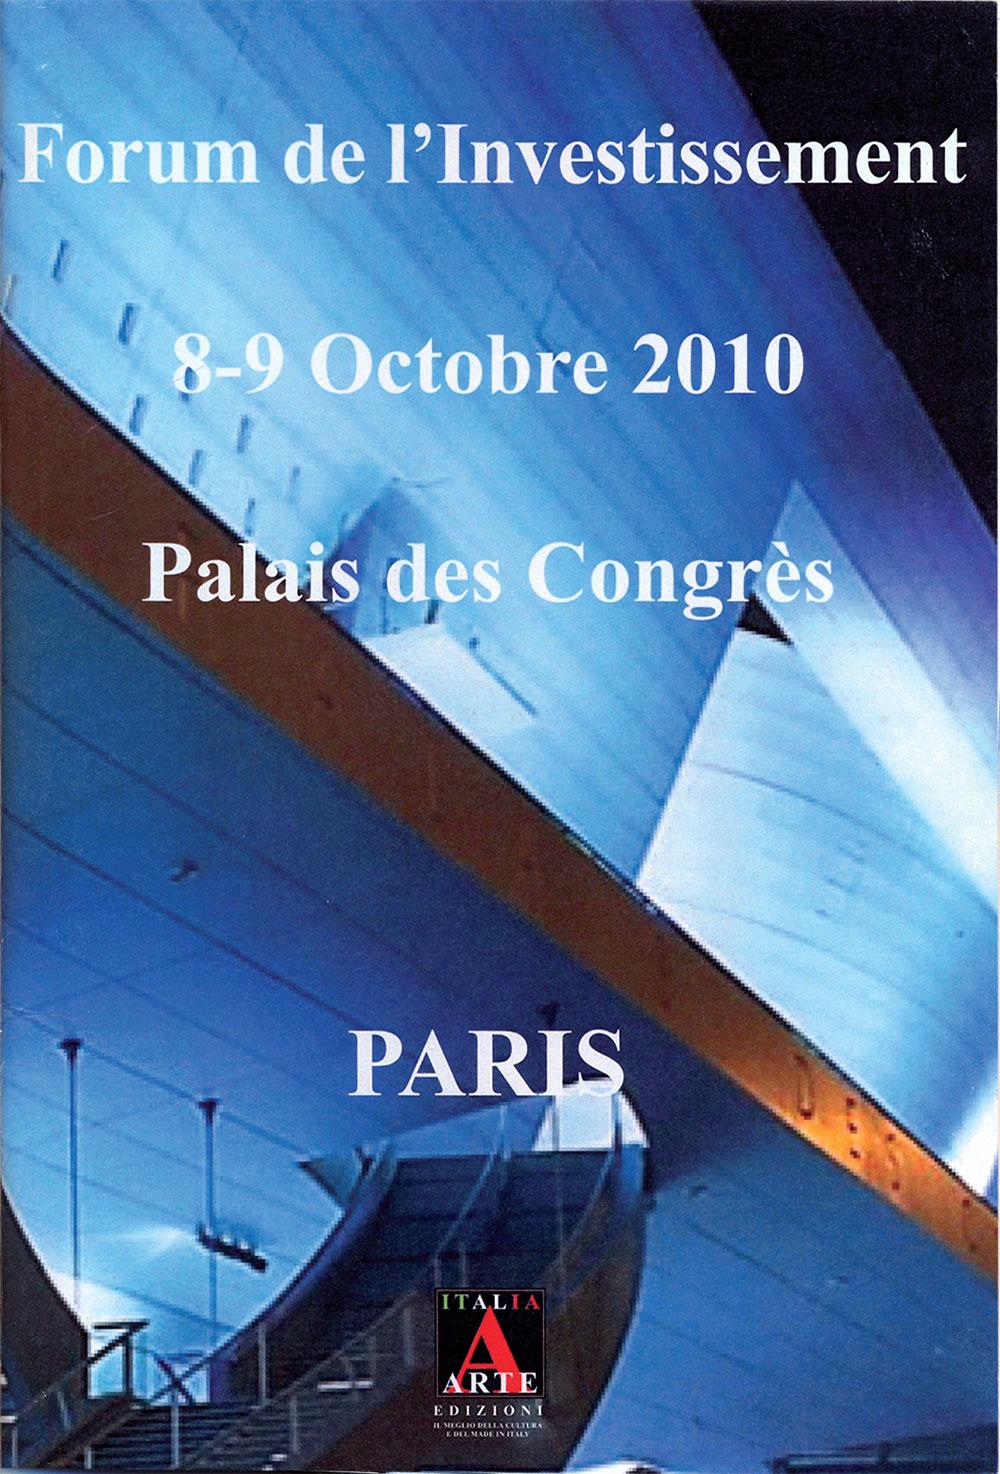 PARIGI-10-1